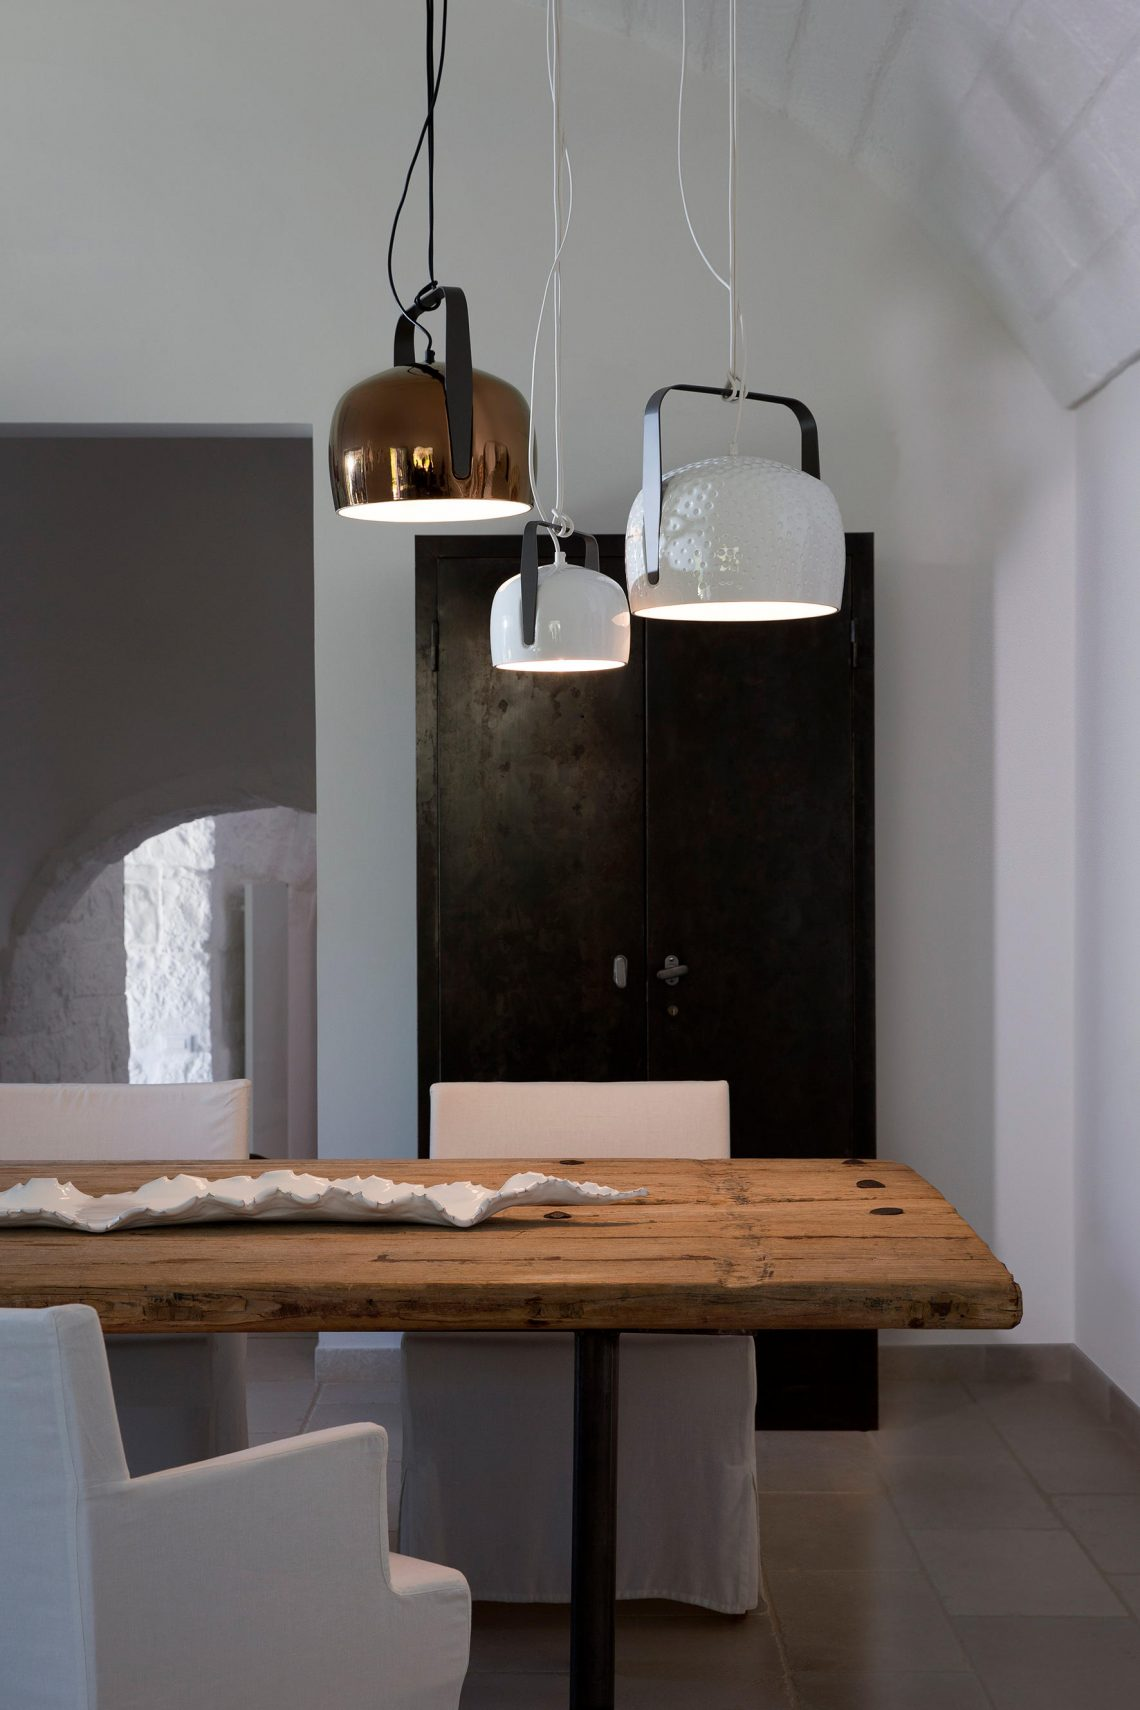 Lampa Karman BAG | Dostępne różne modele w Internity Home